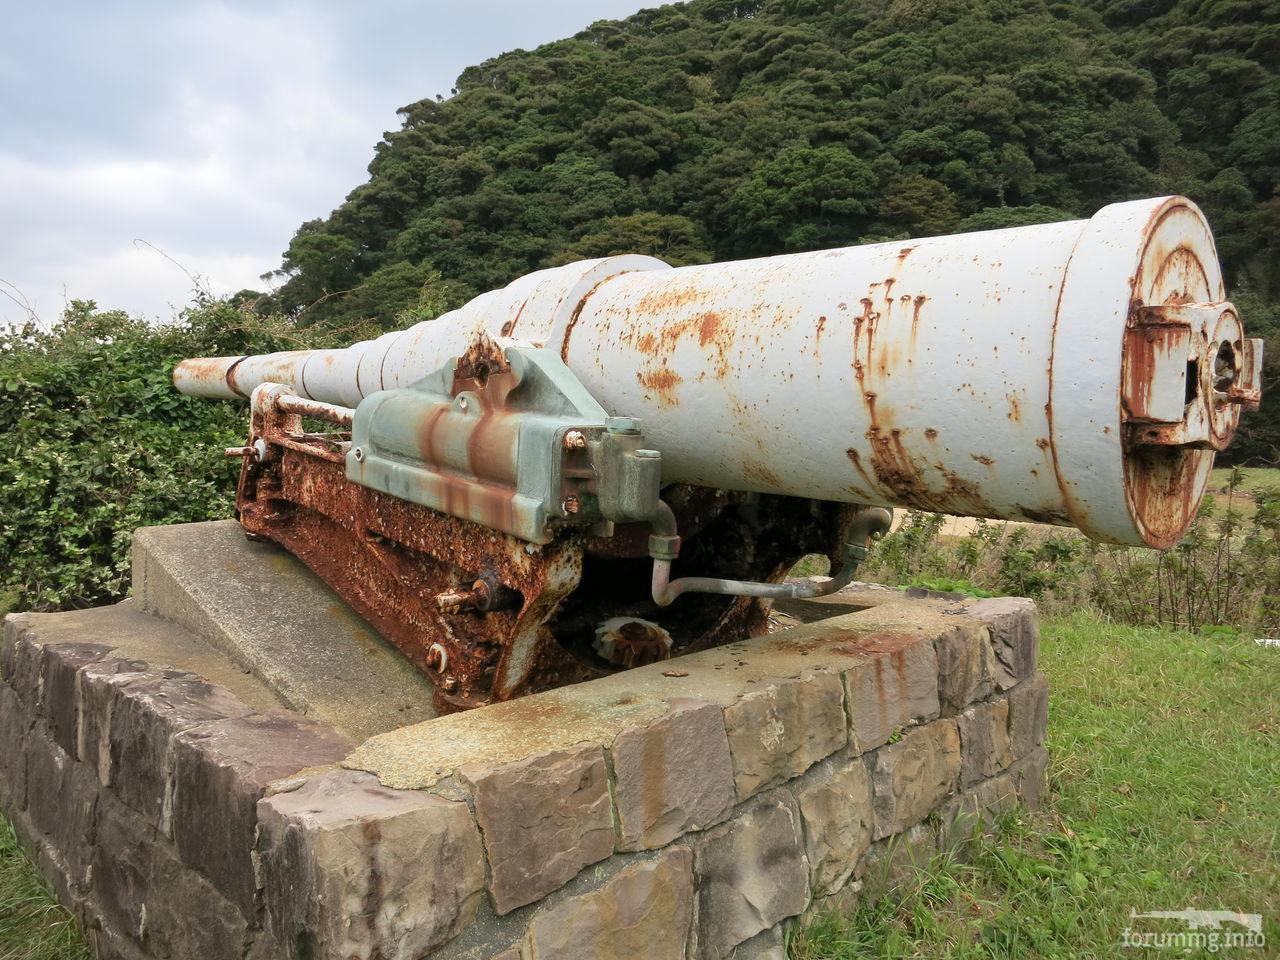 129717 - Корабельные пушки-монстры в музеях и во дворах...